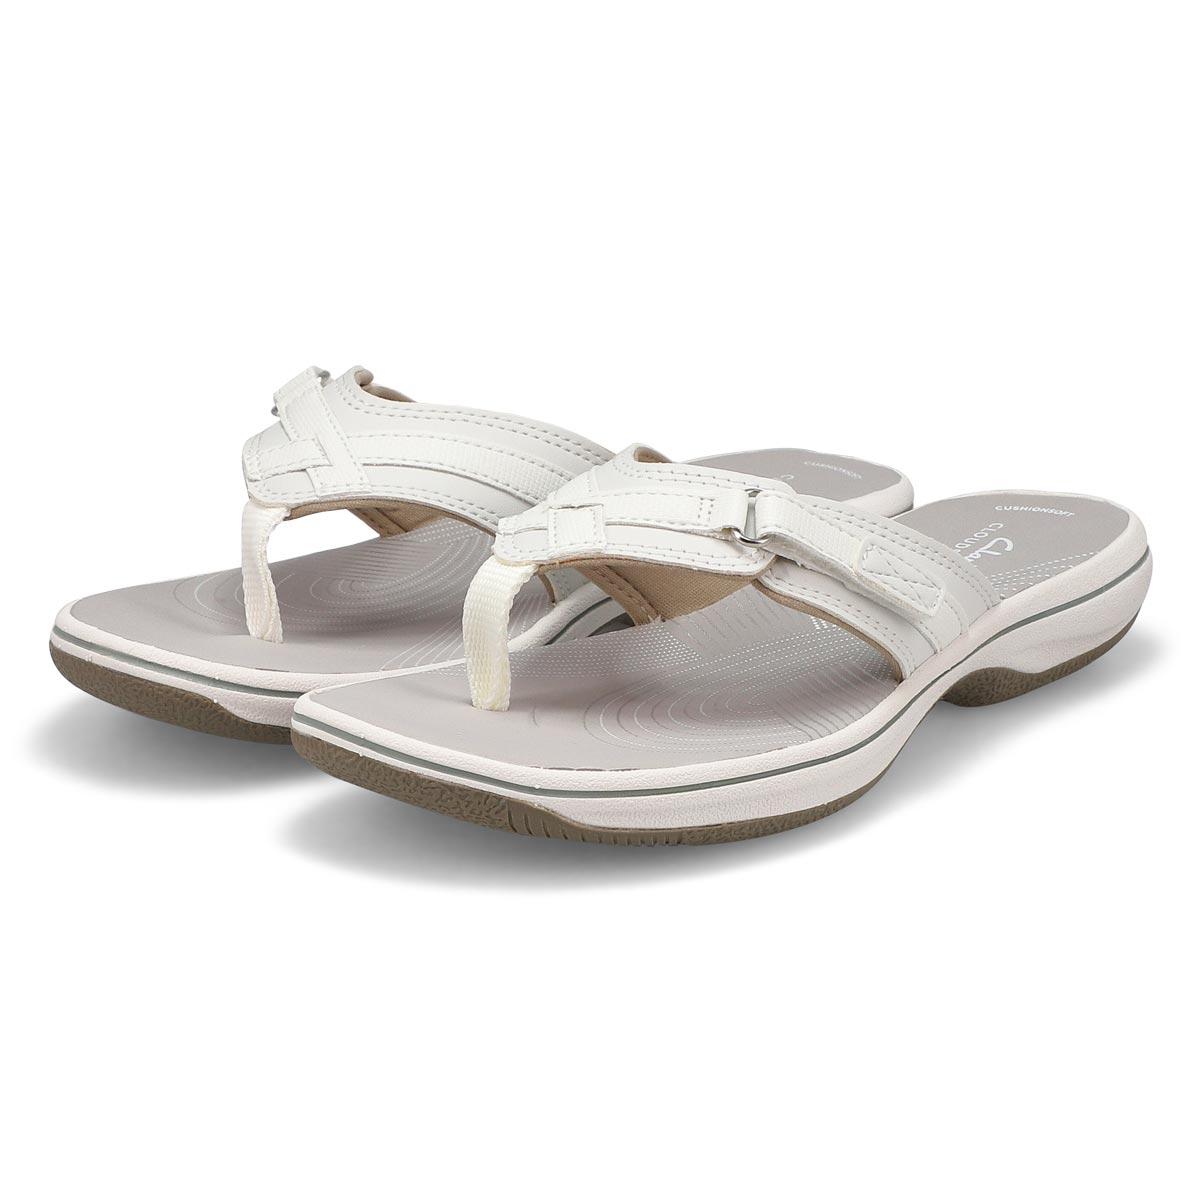 Women's Breeze Sea Thong Sandal - White